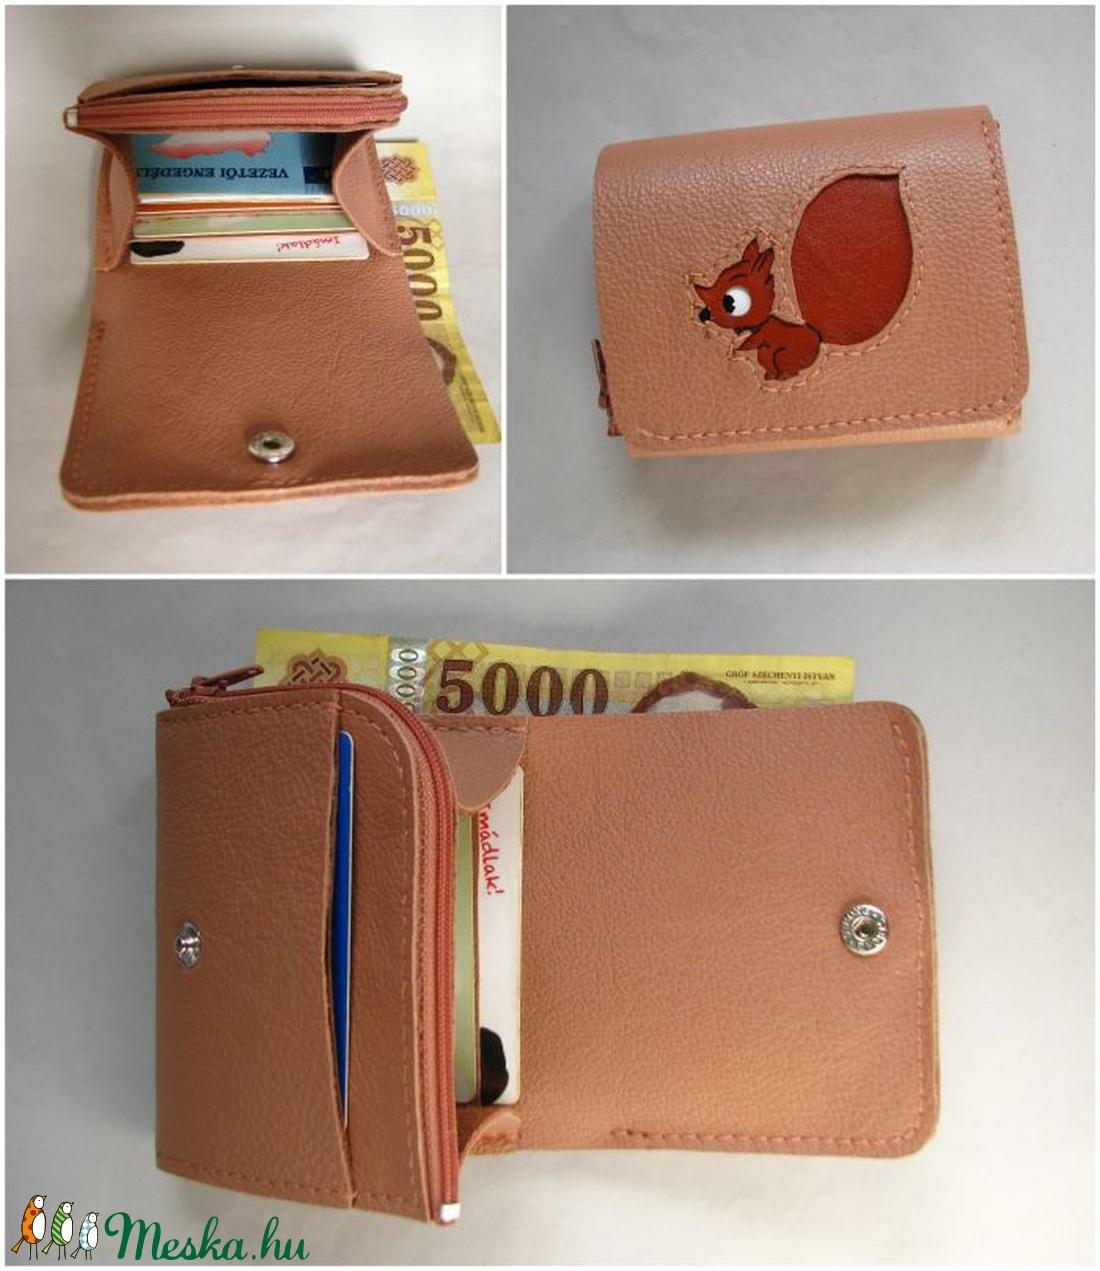 Fahéj vörös mókus mintás bőr pénztárca d0d7fd76a9